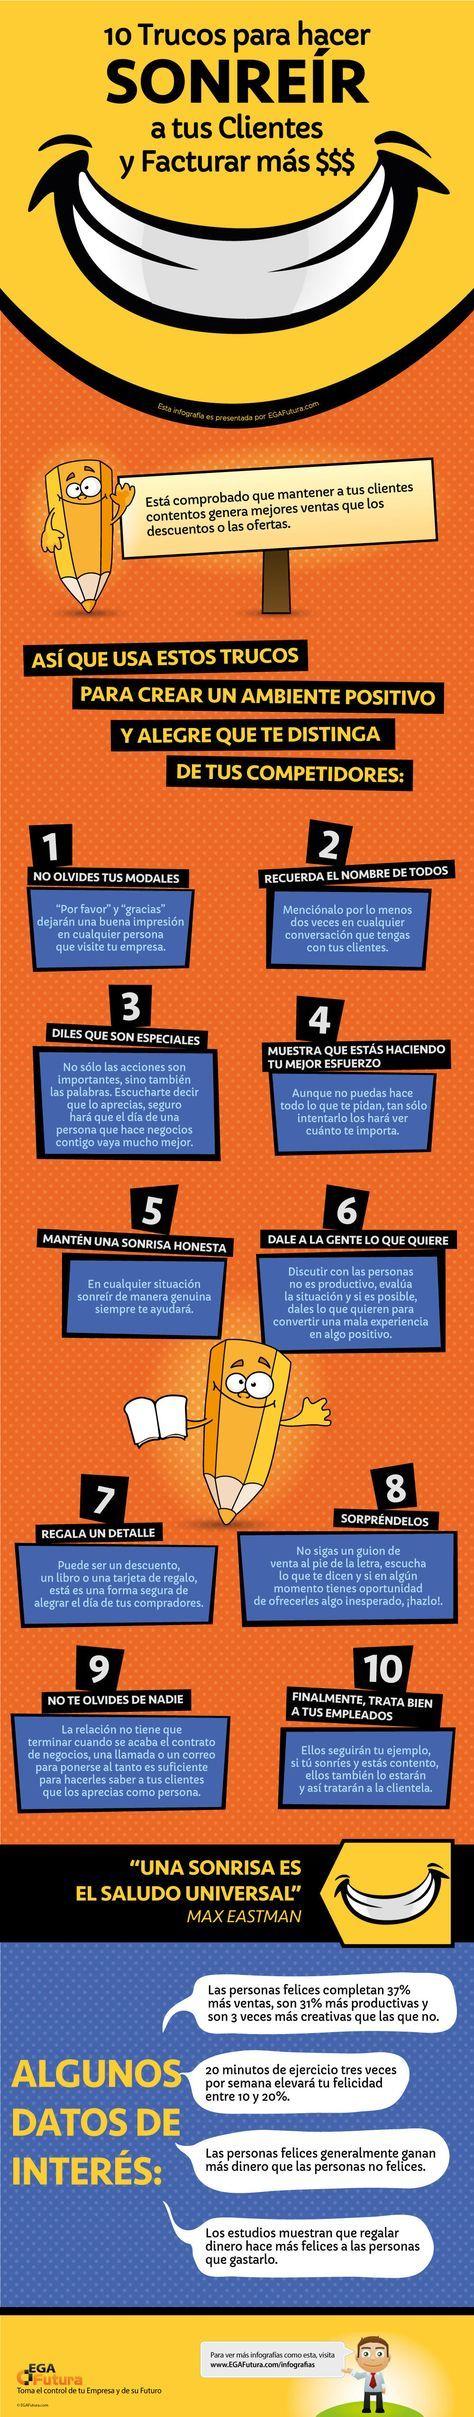 10 Trucos (reales) para hacer Sonreír a tus Clientes y Facturar más $$$ » EGA Futura www.rubendelaosa.com